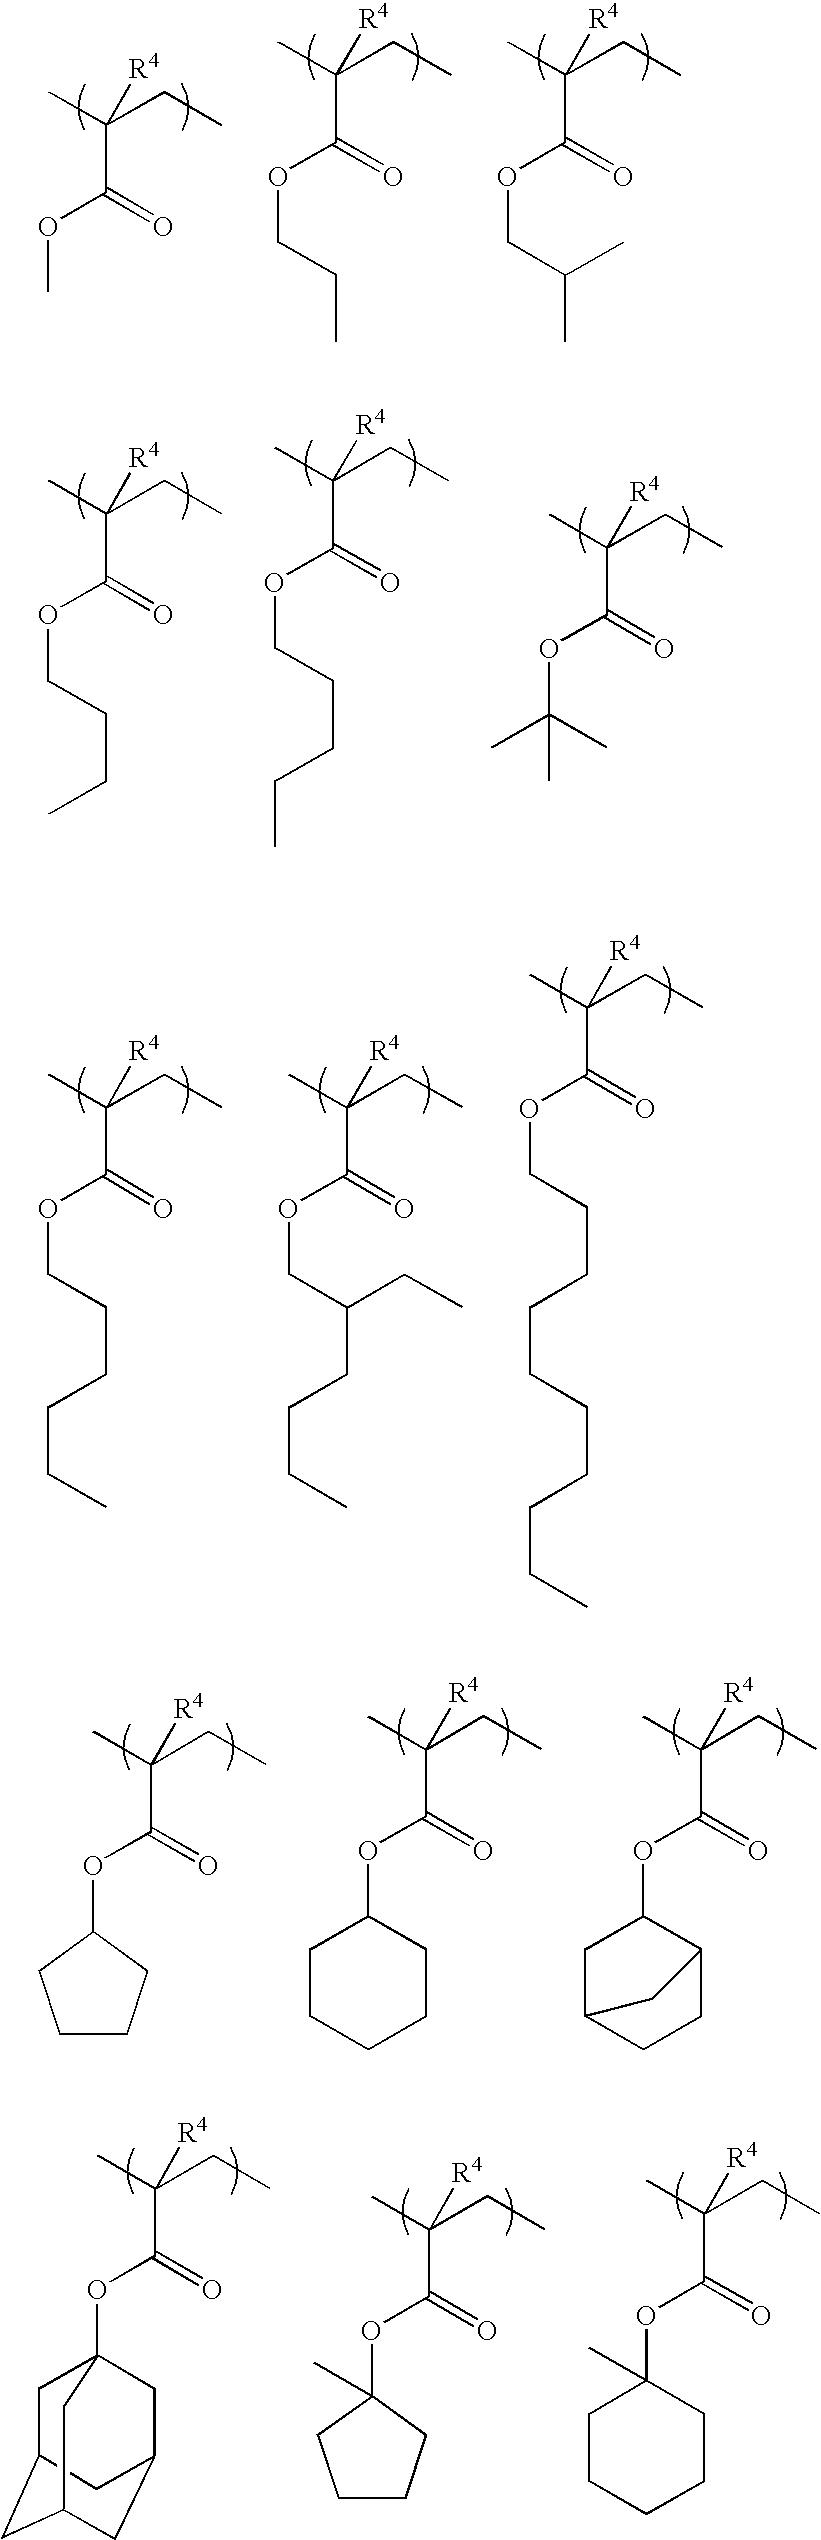 Figure US20070231738A1-20071004-C00010